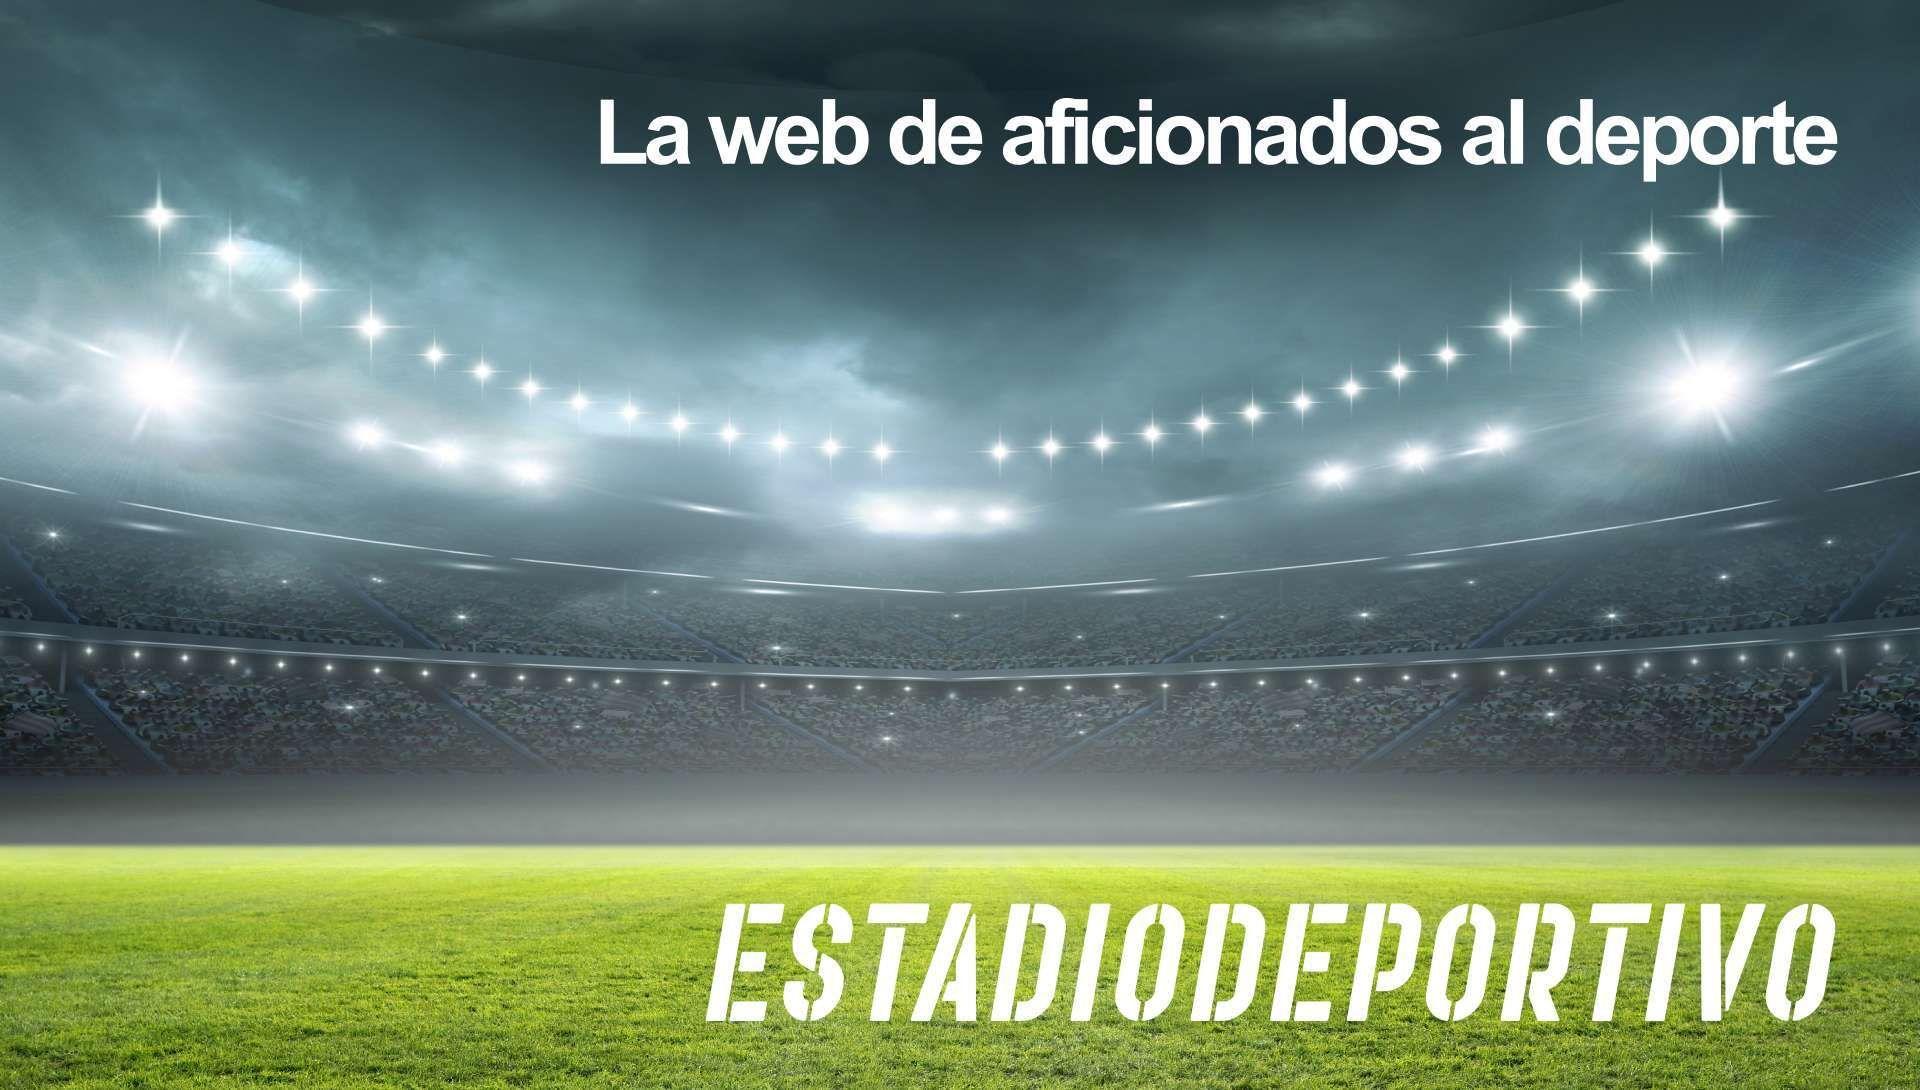 Las portadas de la prensa del martes 29 de junio